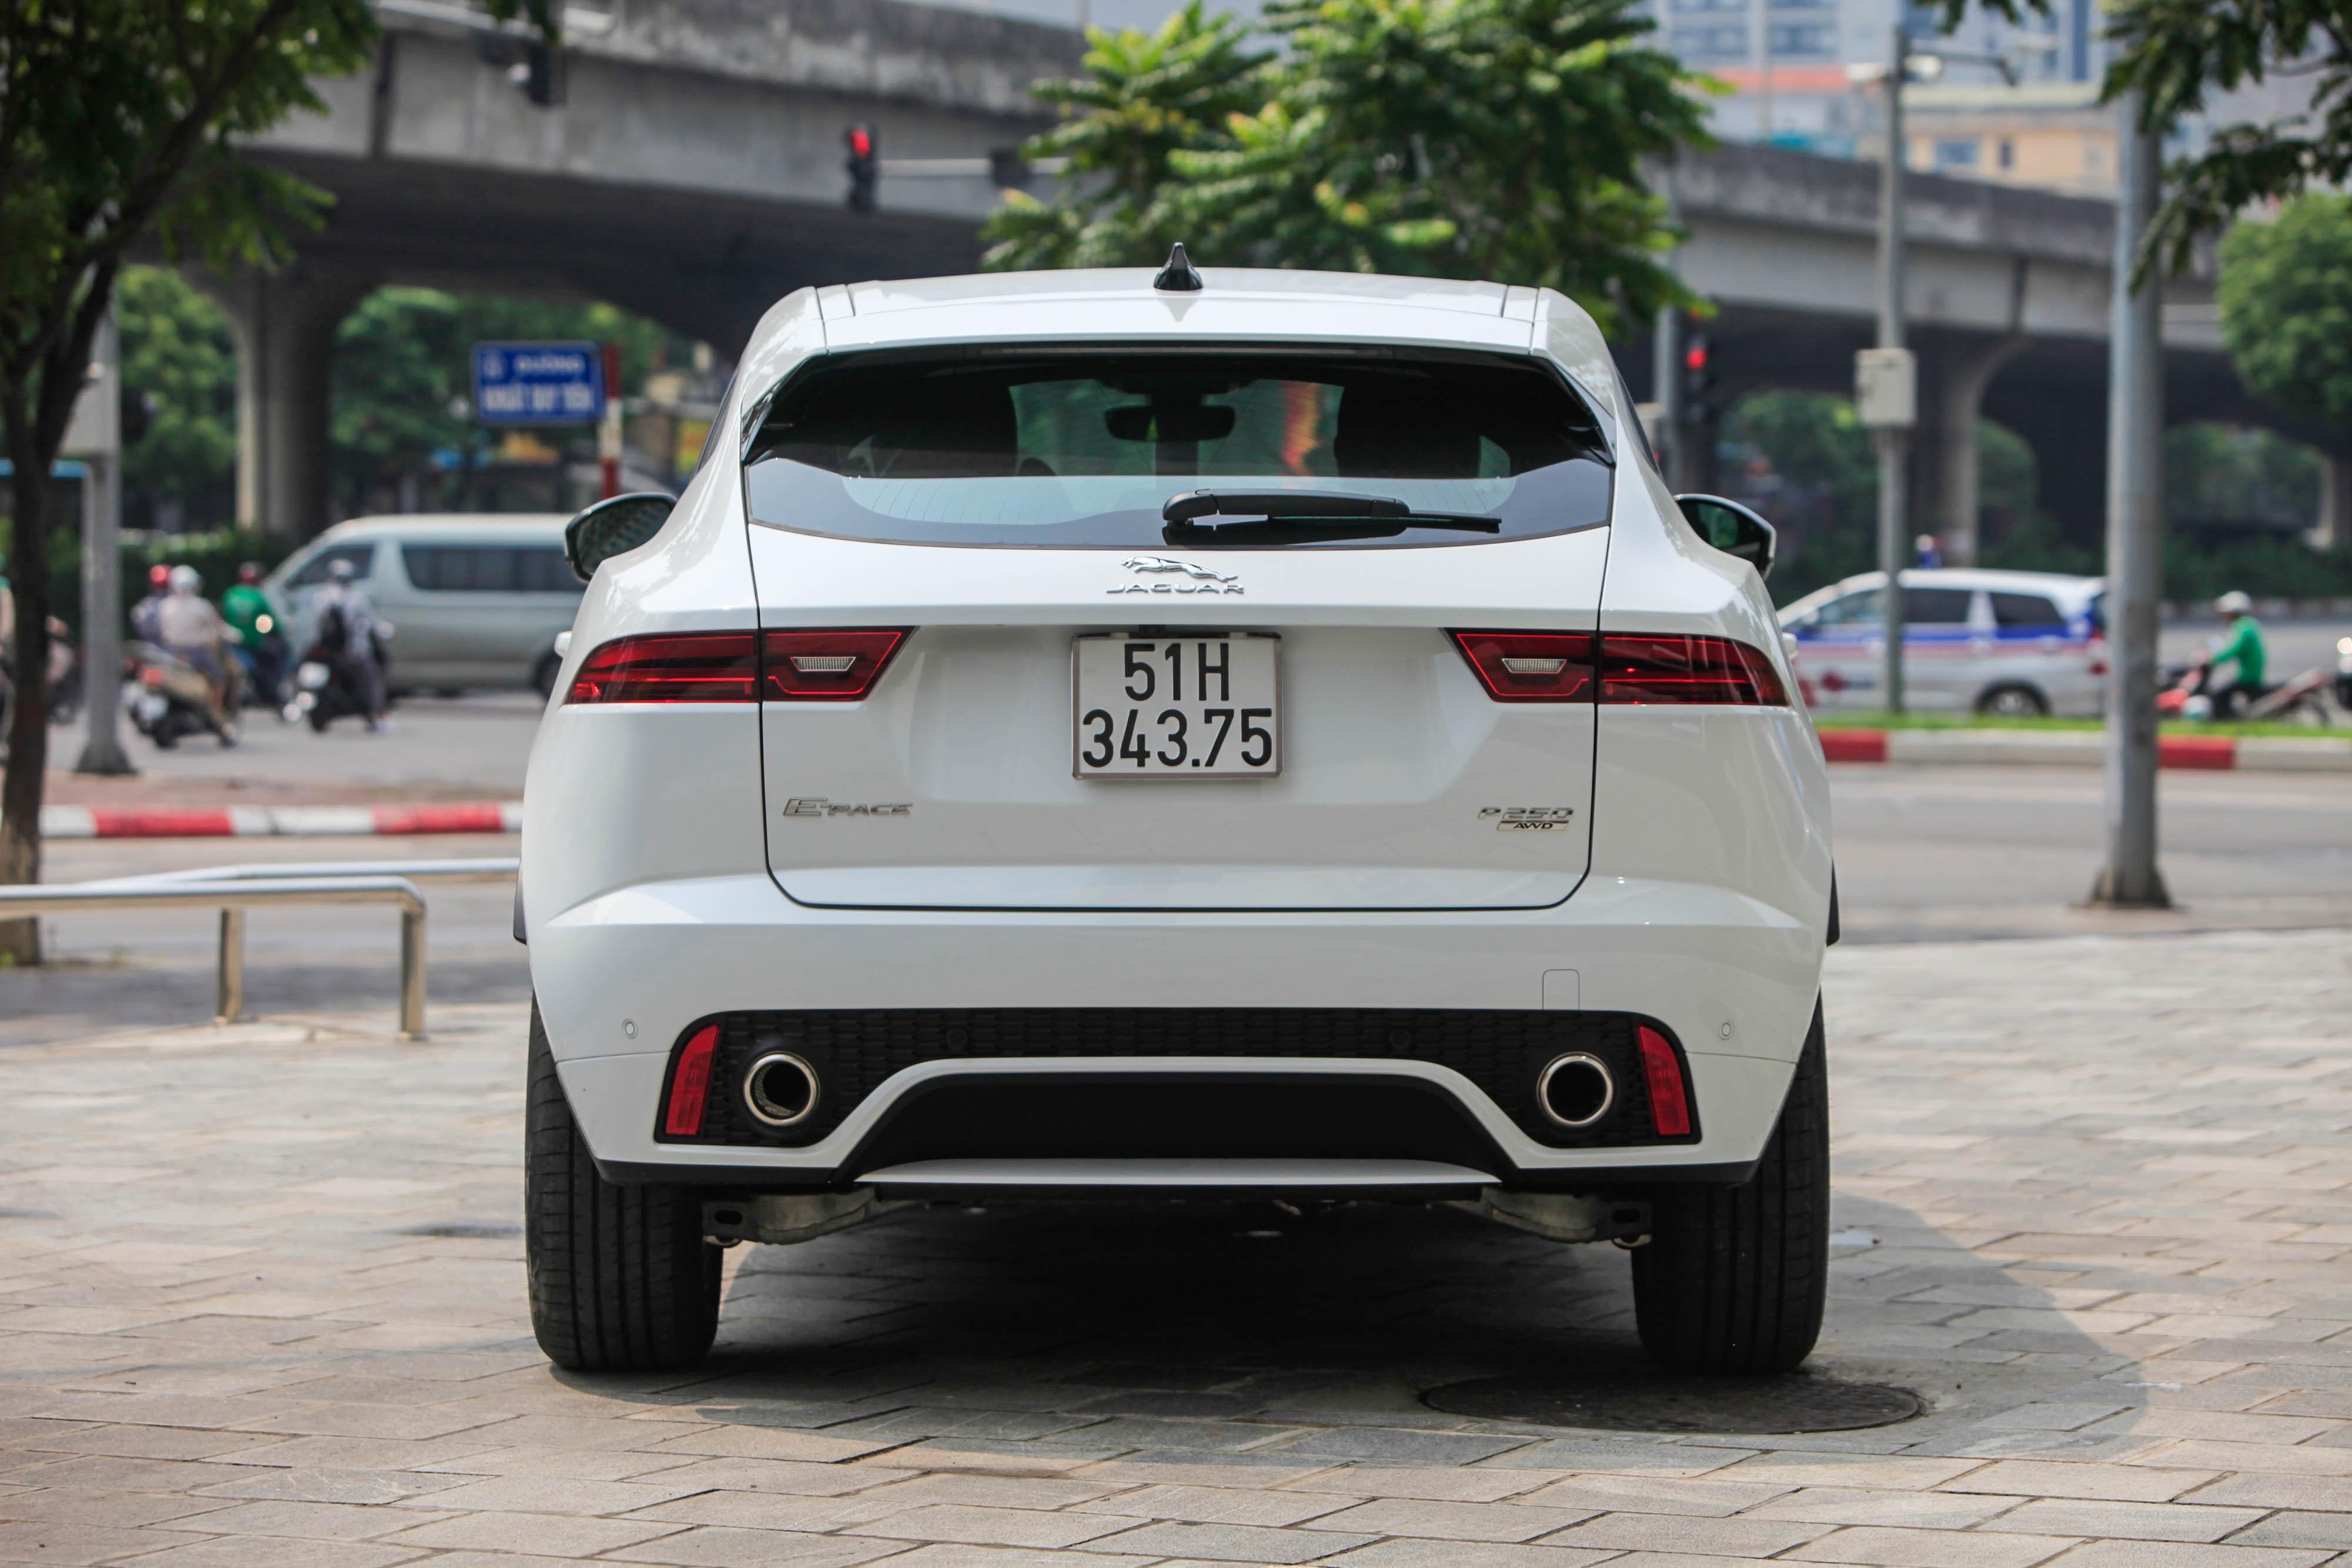 So sanh Range Rover Evoque va Jaguar E-Pace anh 9